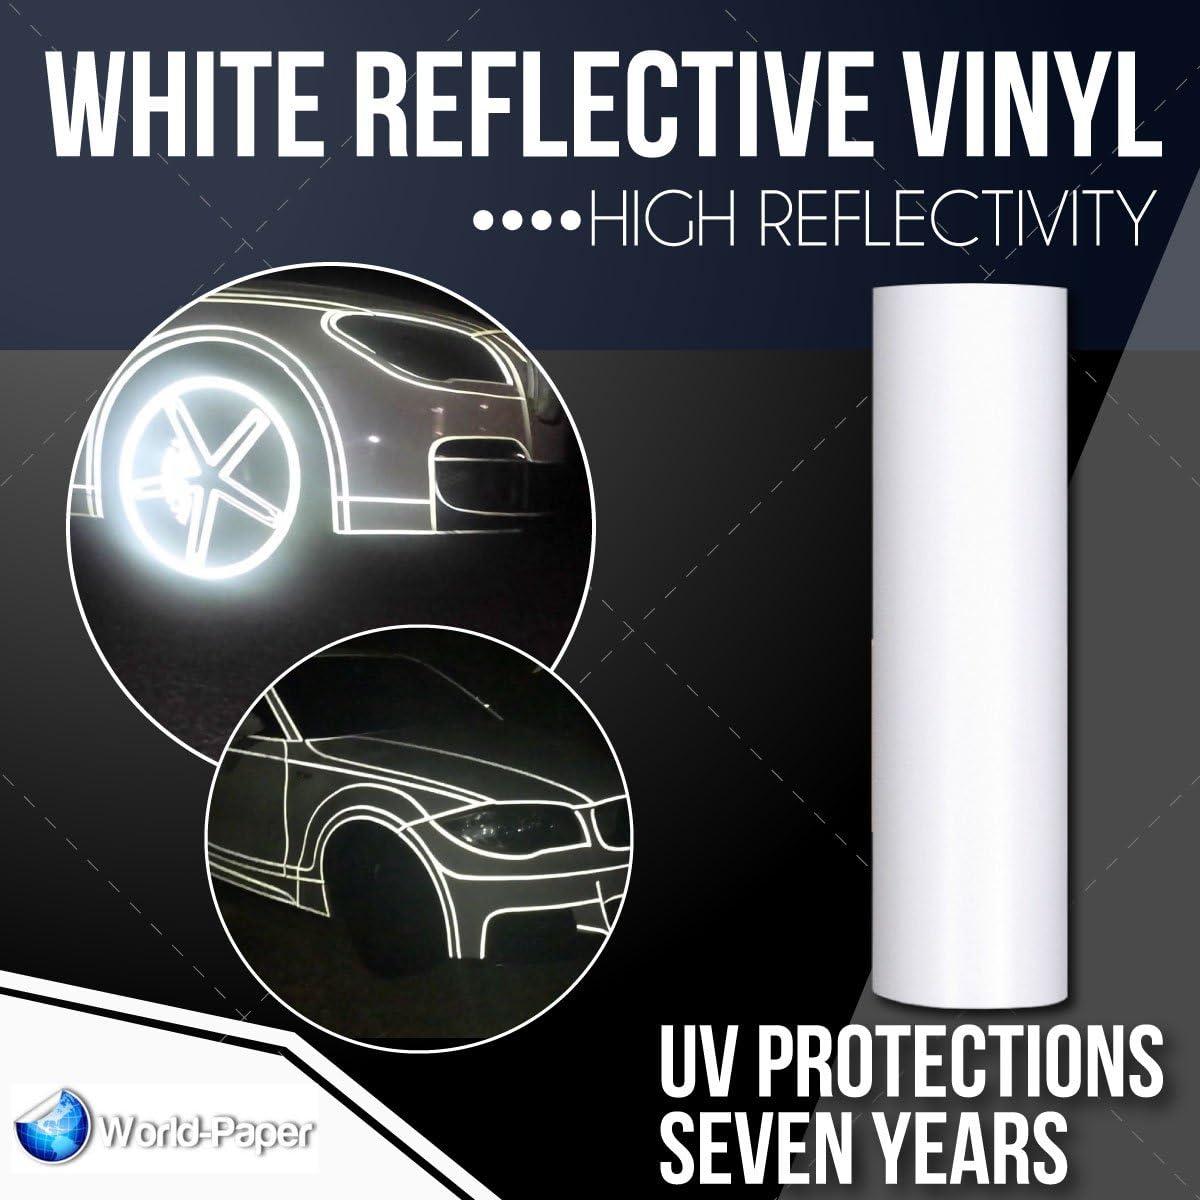 Vinilo blanco vinilo reflectante Sign suministros señal alta reflectividad 24